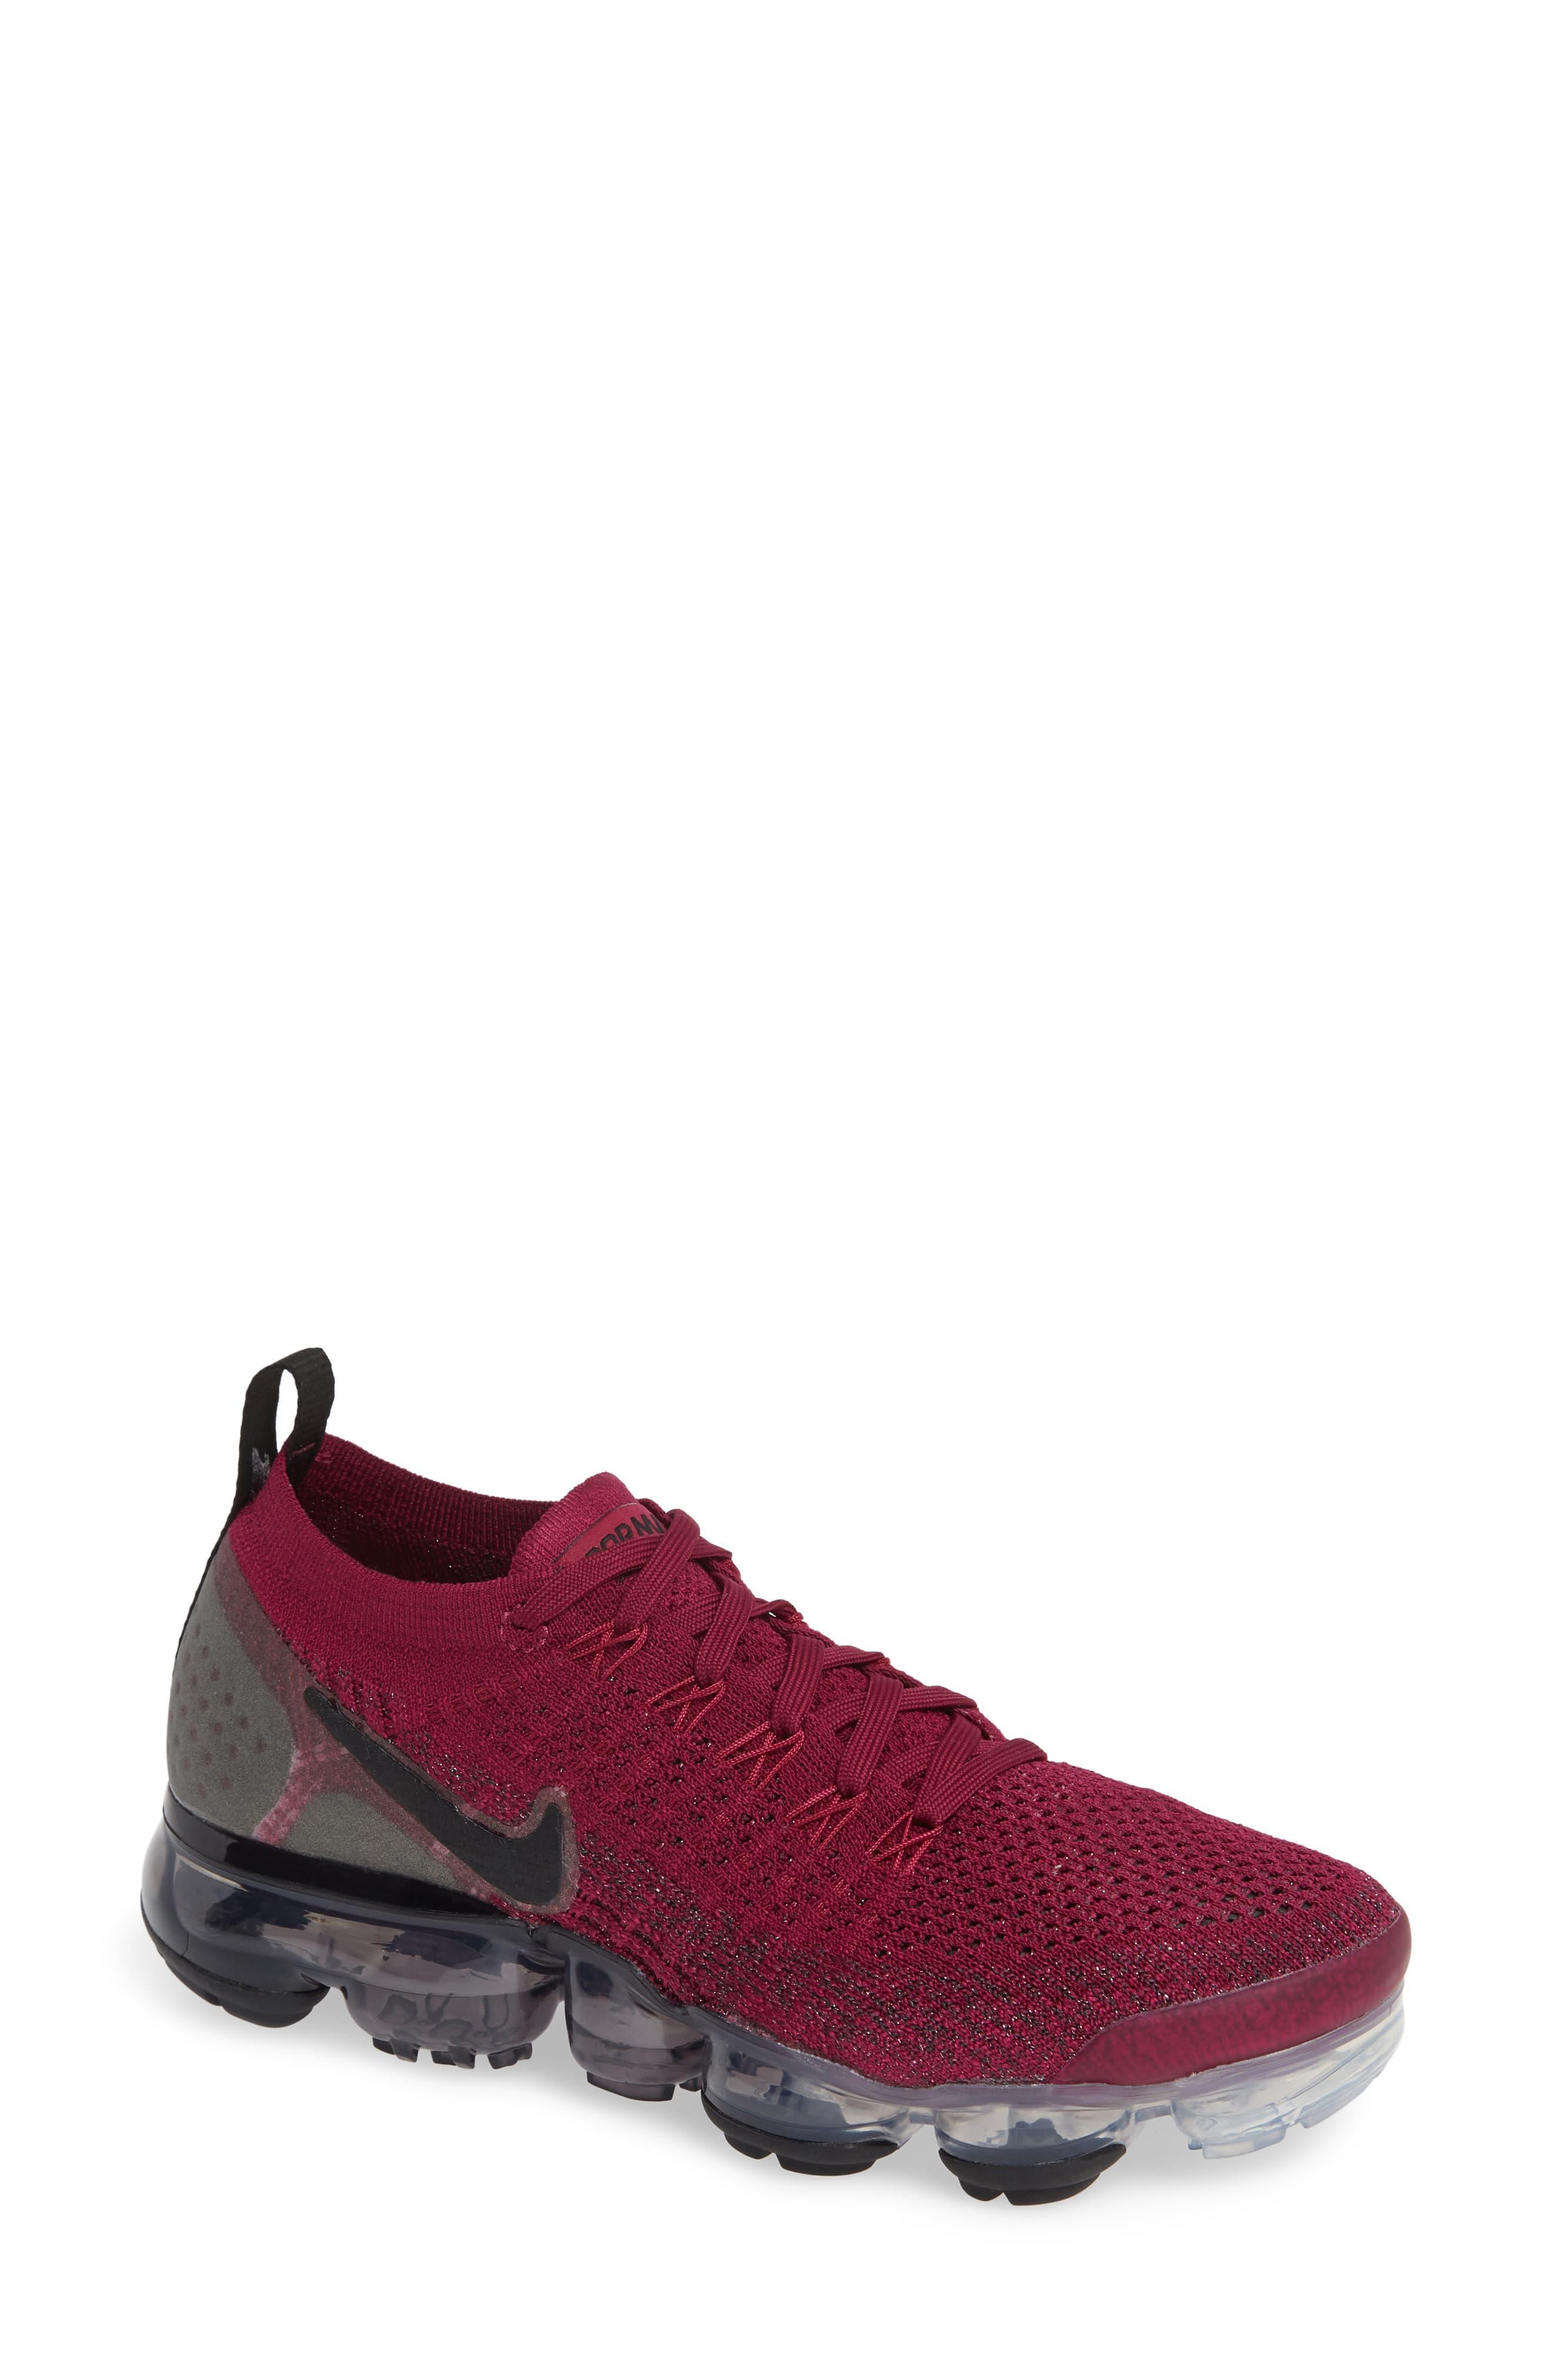 online store 959ba 422af Women's Pink Air Vapormax Flyknit 2 Running Shoe